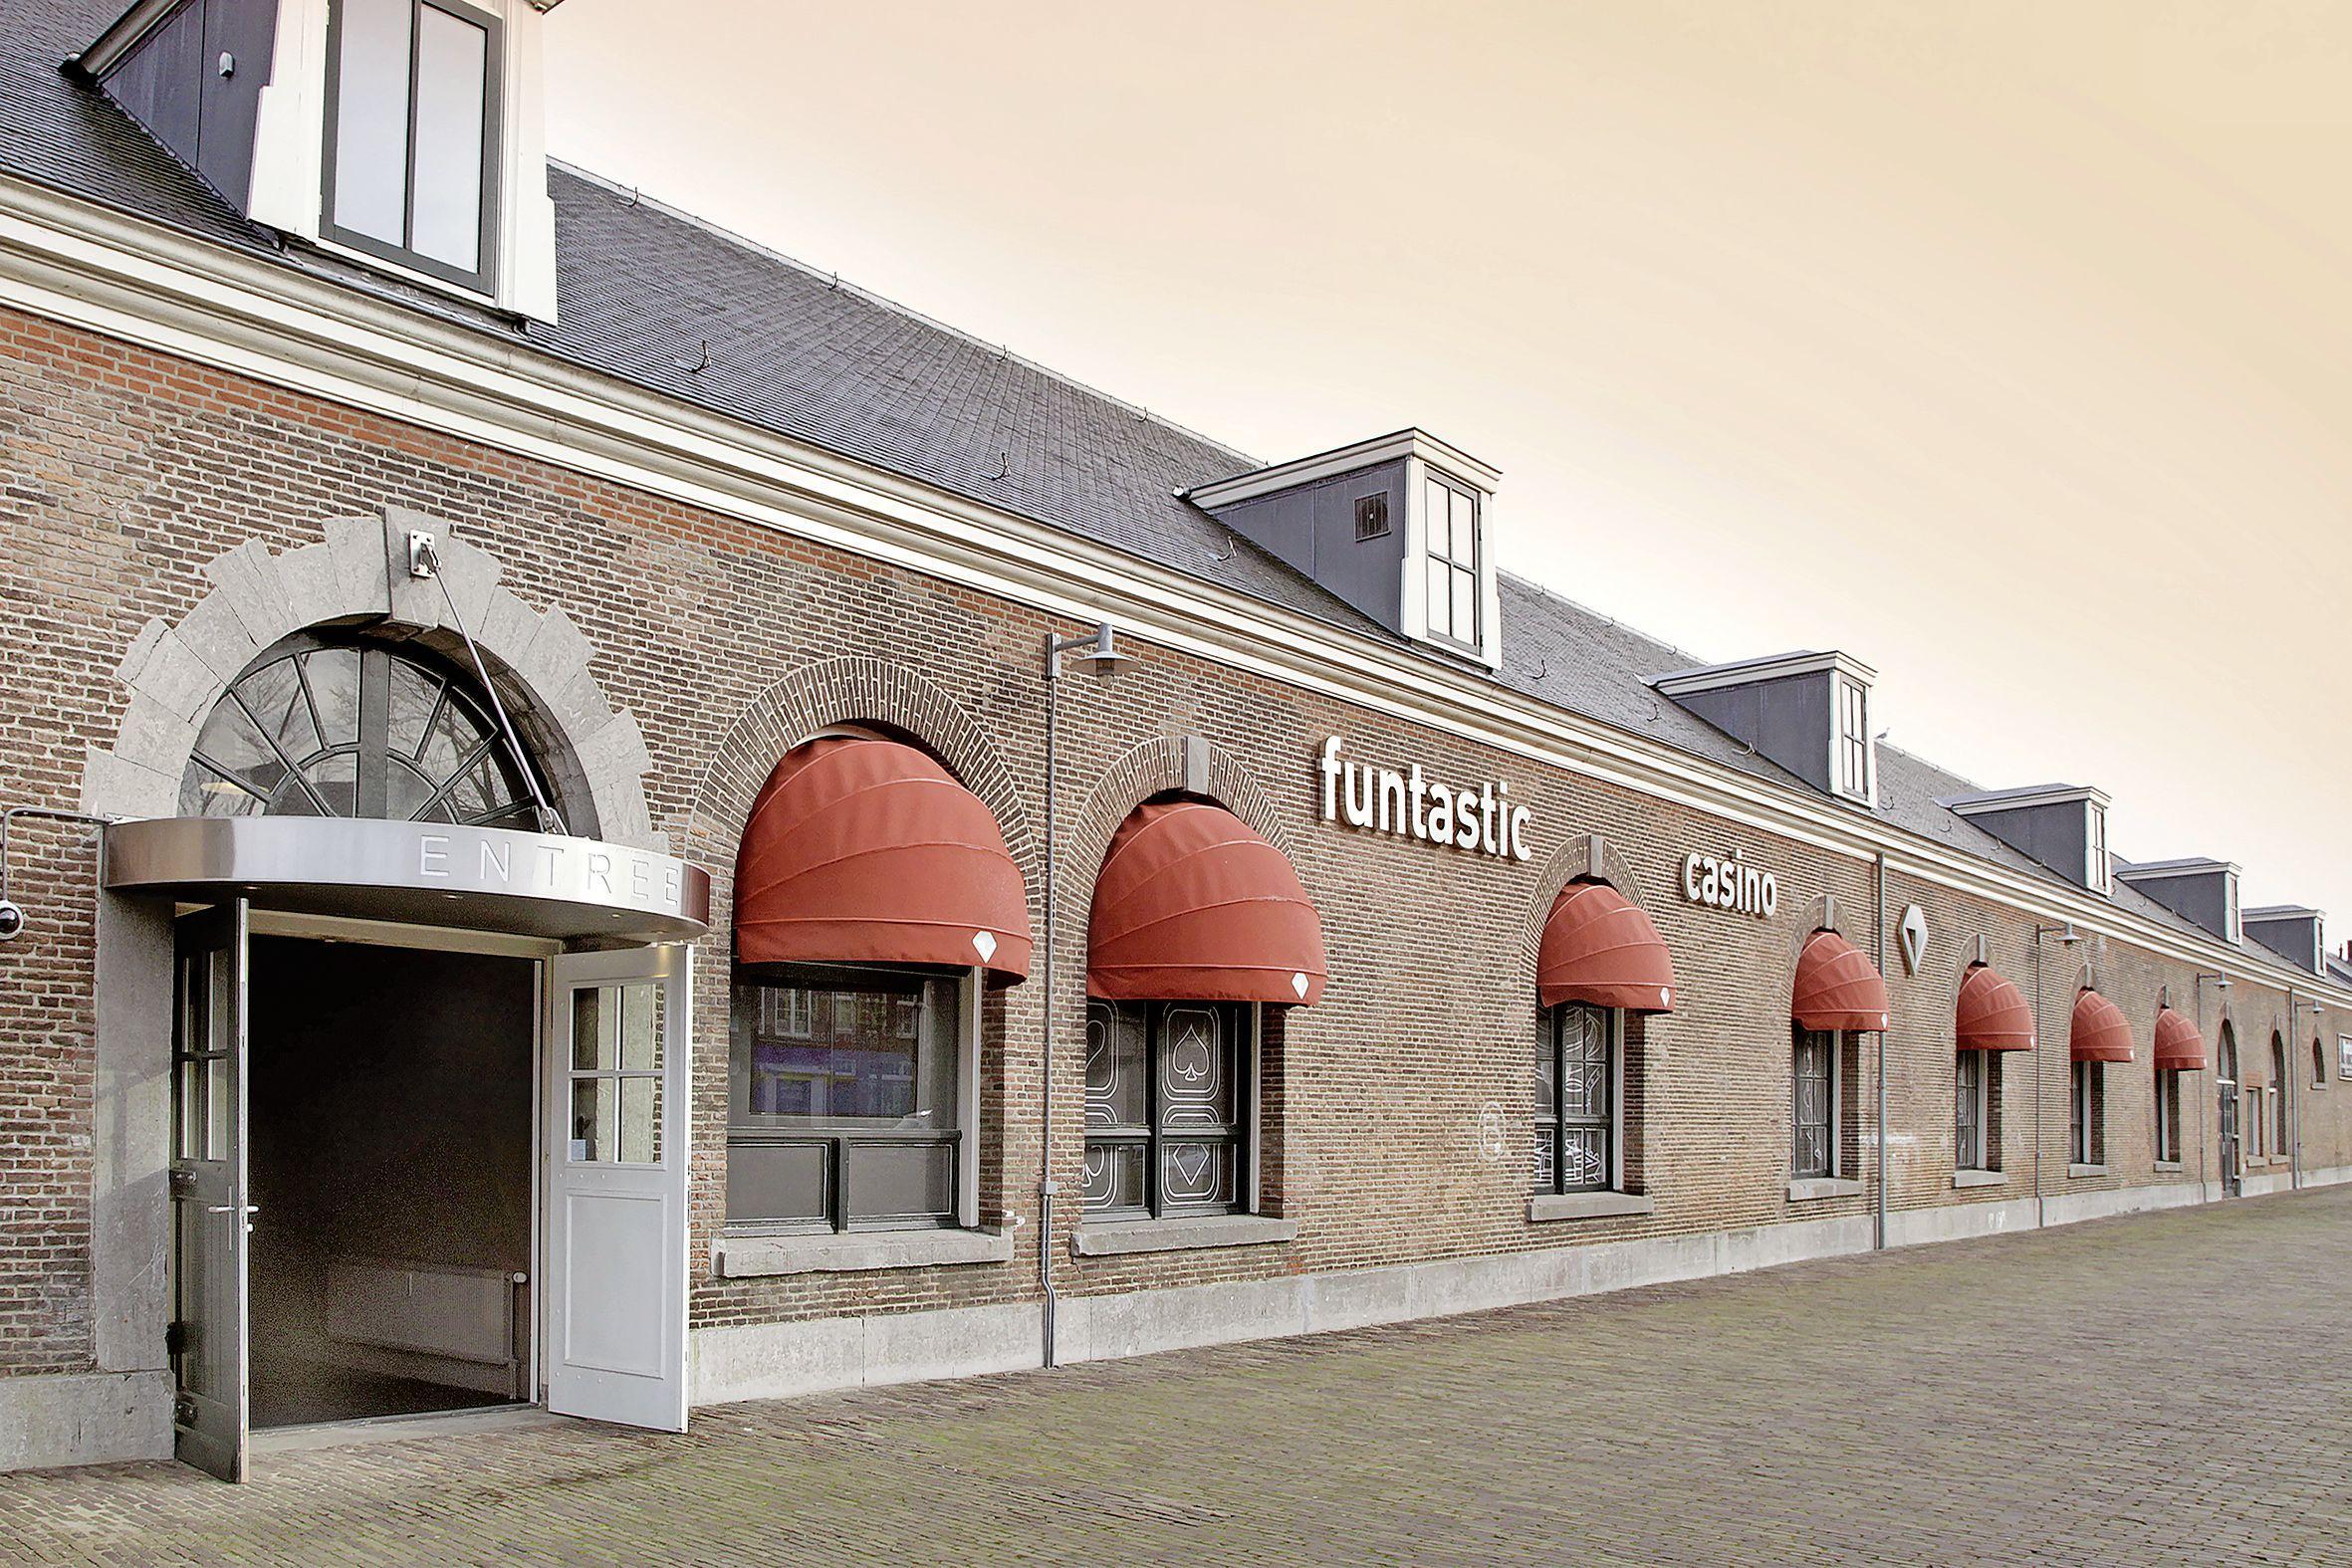 Funtastic Casino op Willemsoord gaat op 17 april bij wijze van proef open. Wie wil meedoen moet een coronatest ondergaan